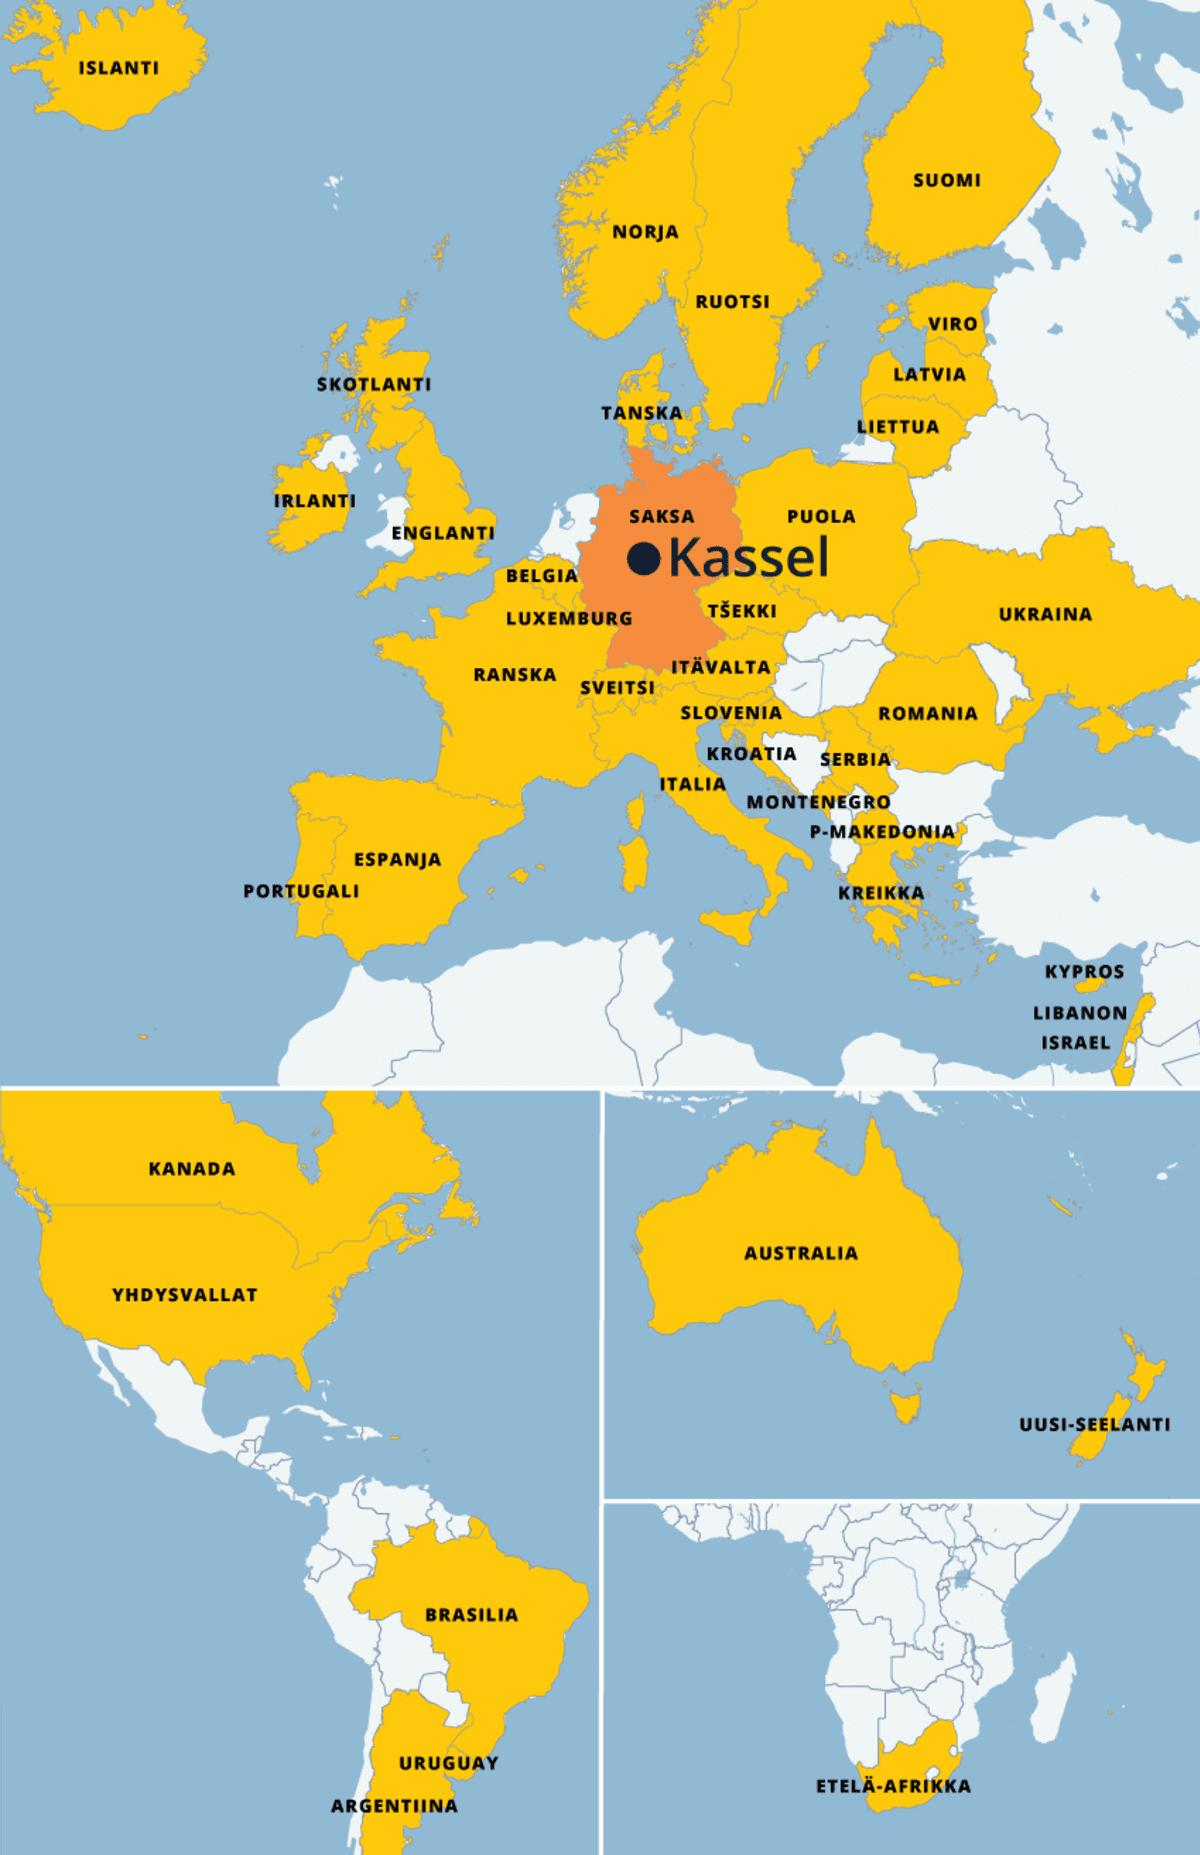 Suuri kartta johon on merkitty yli 40 maata ympäri maapalloa.